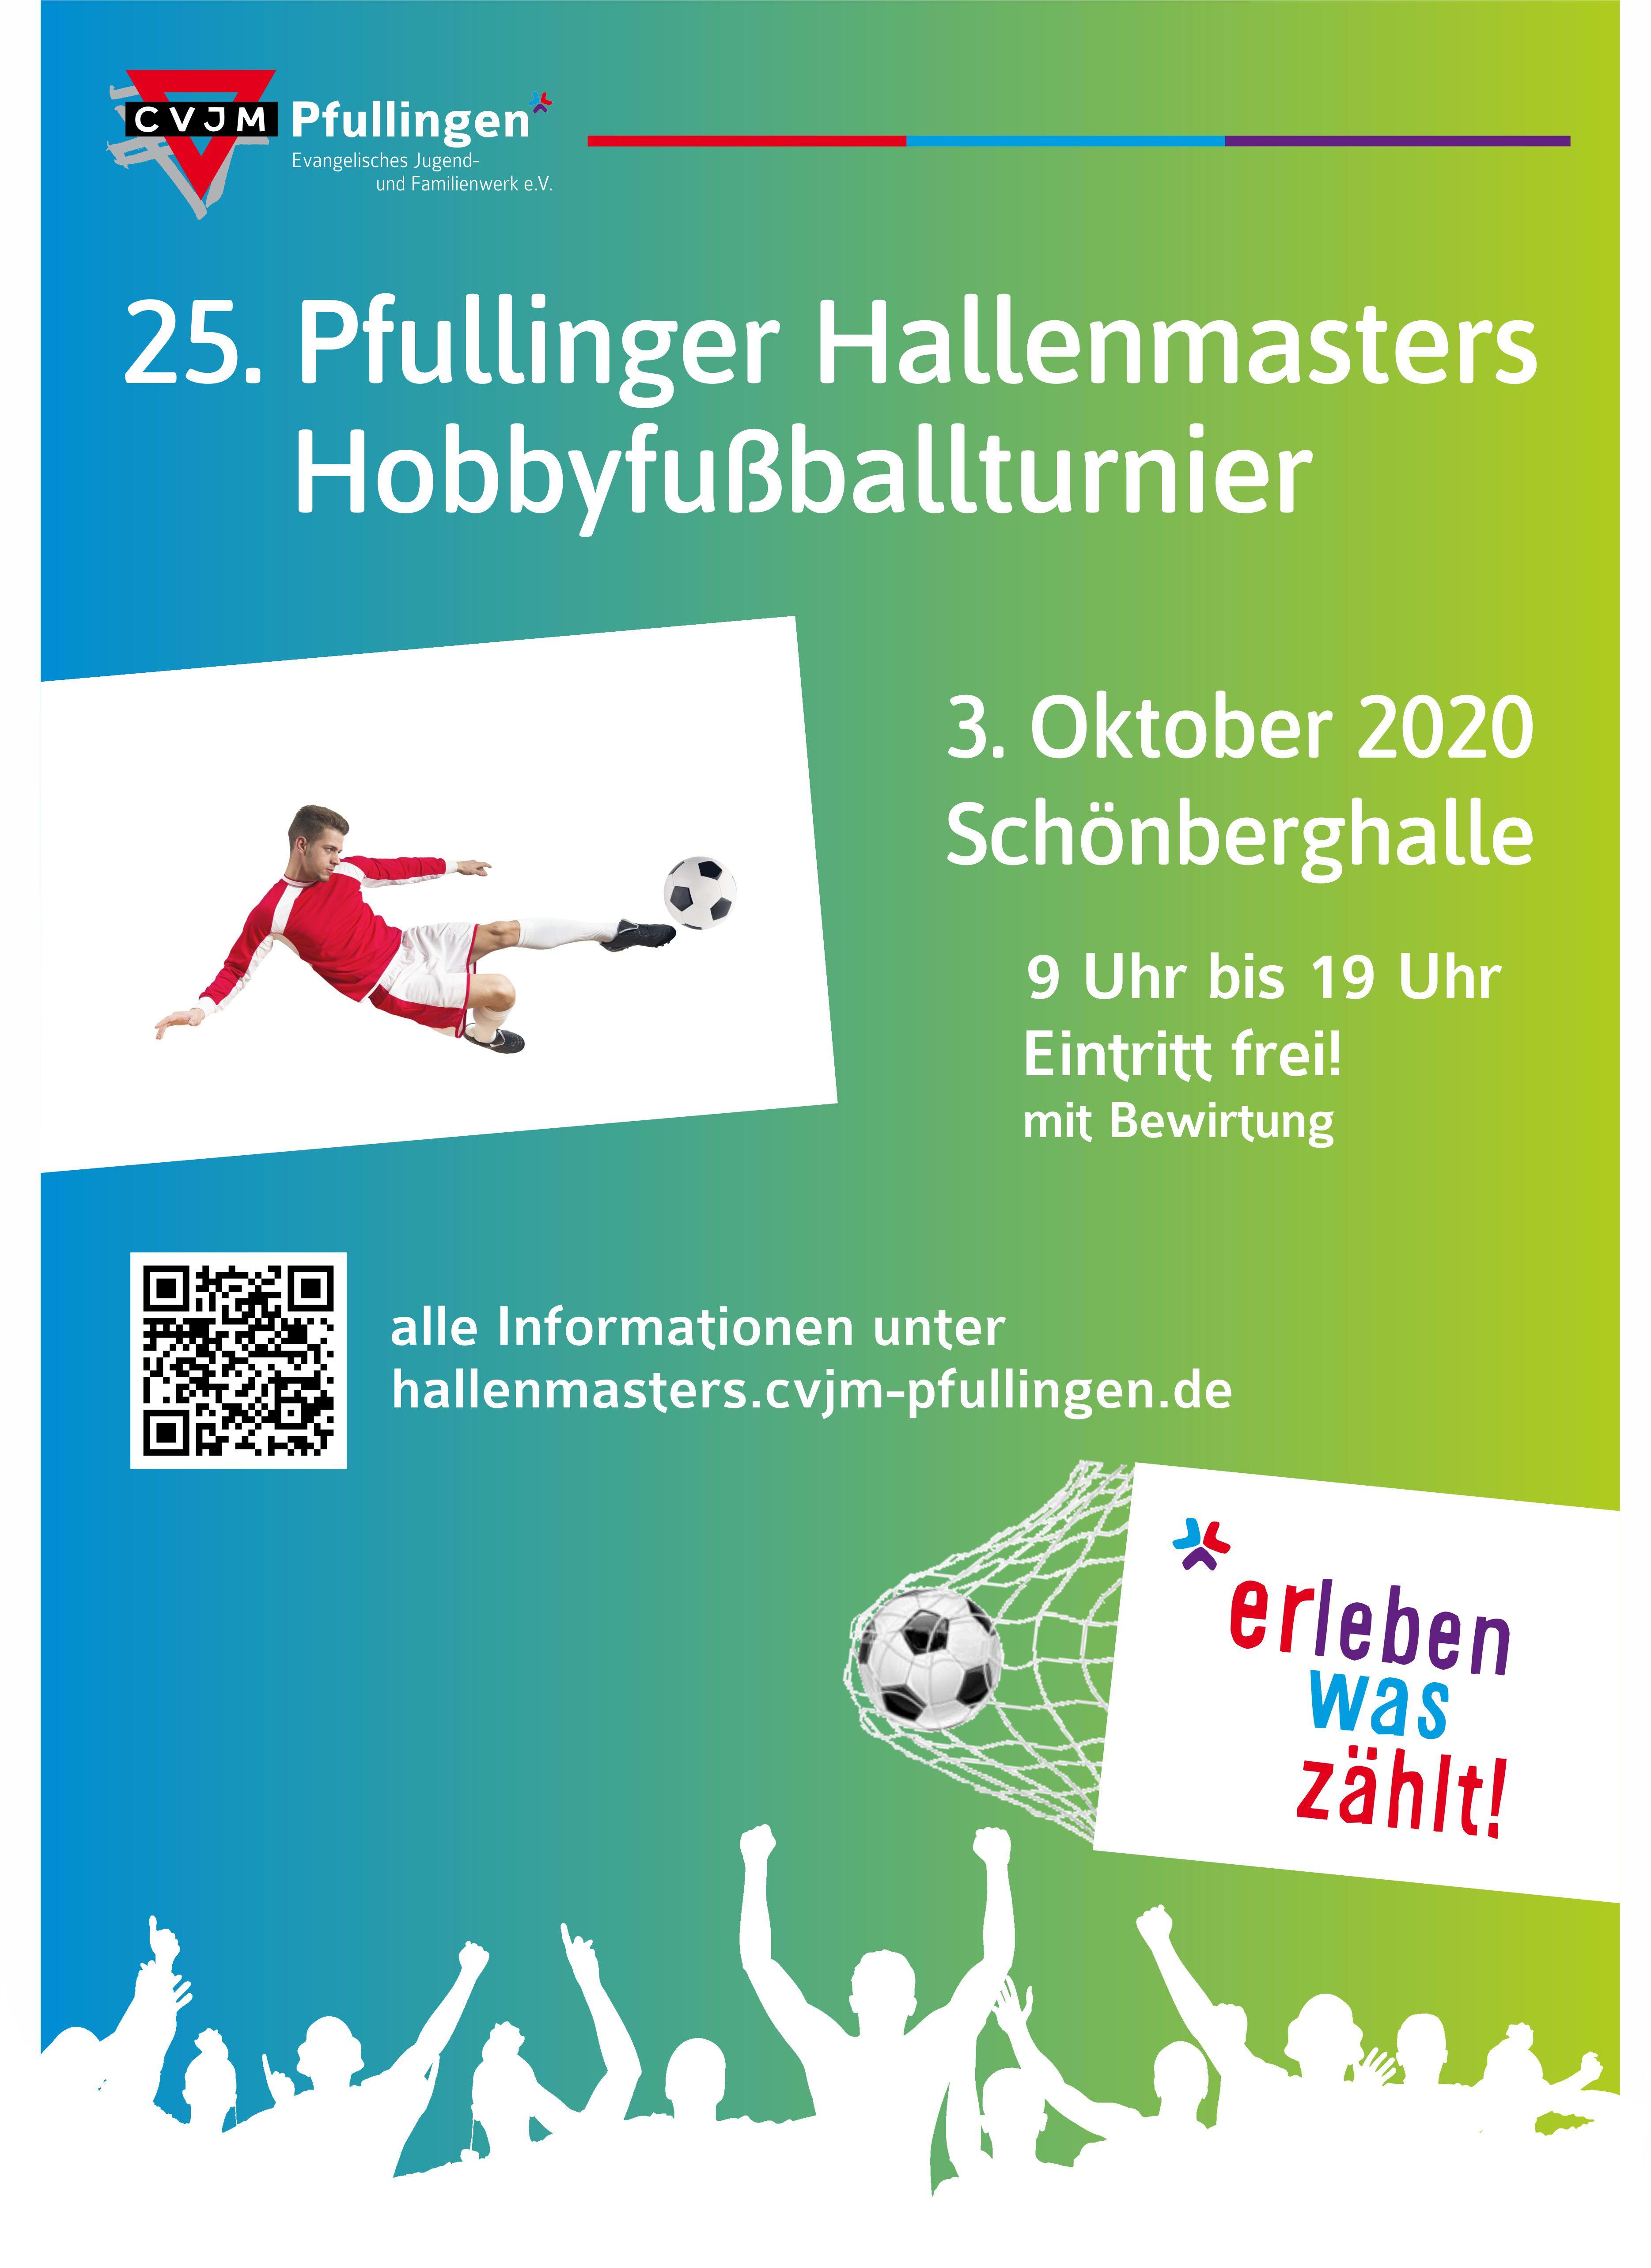 2020-10-14-hallenmasters-in-ausnahmezeiten-2